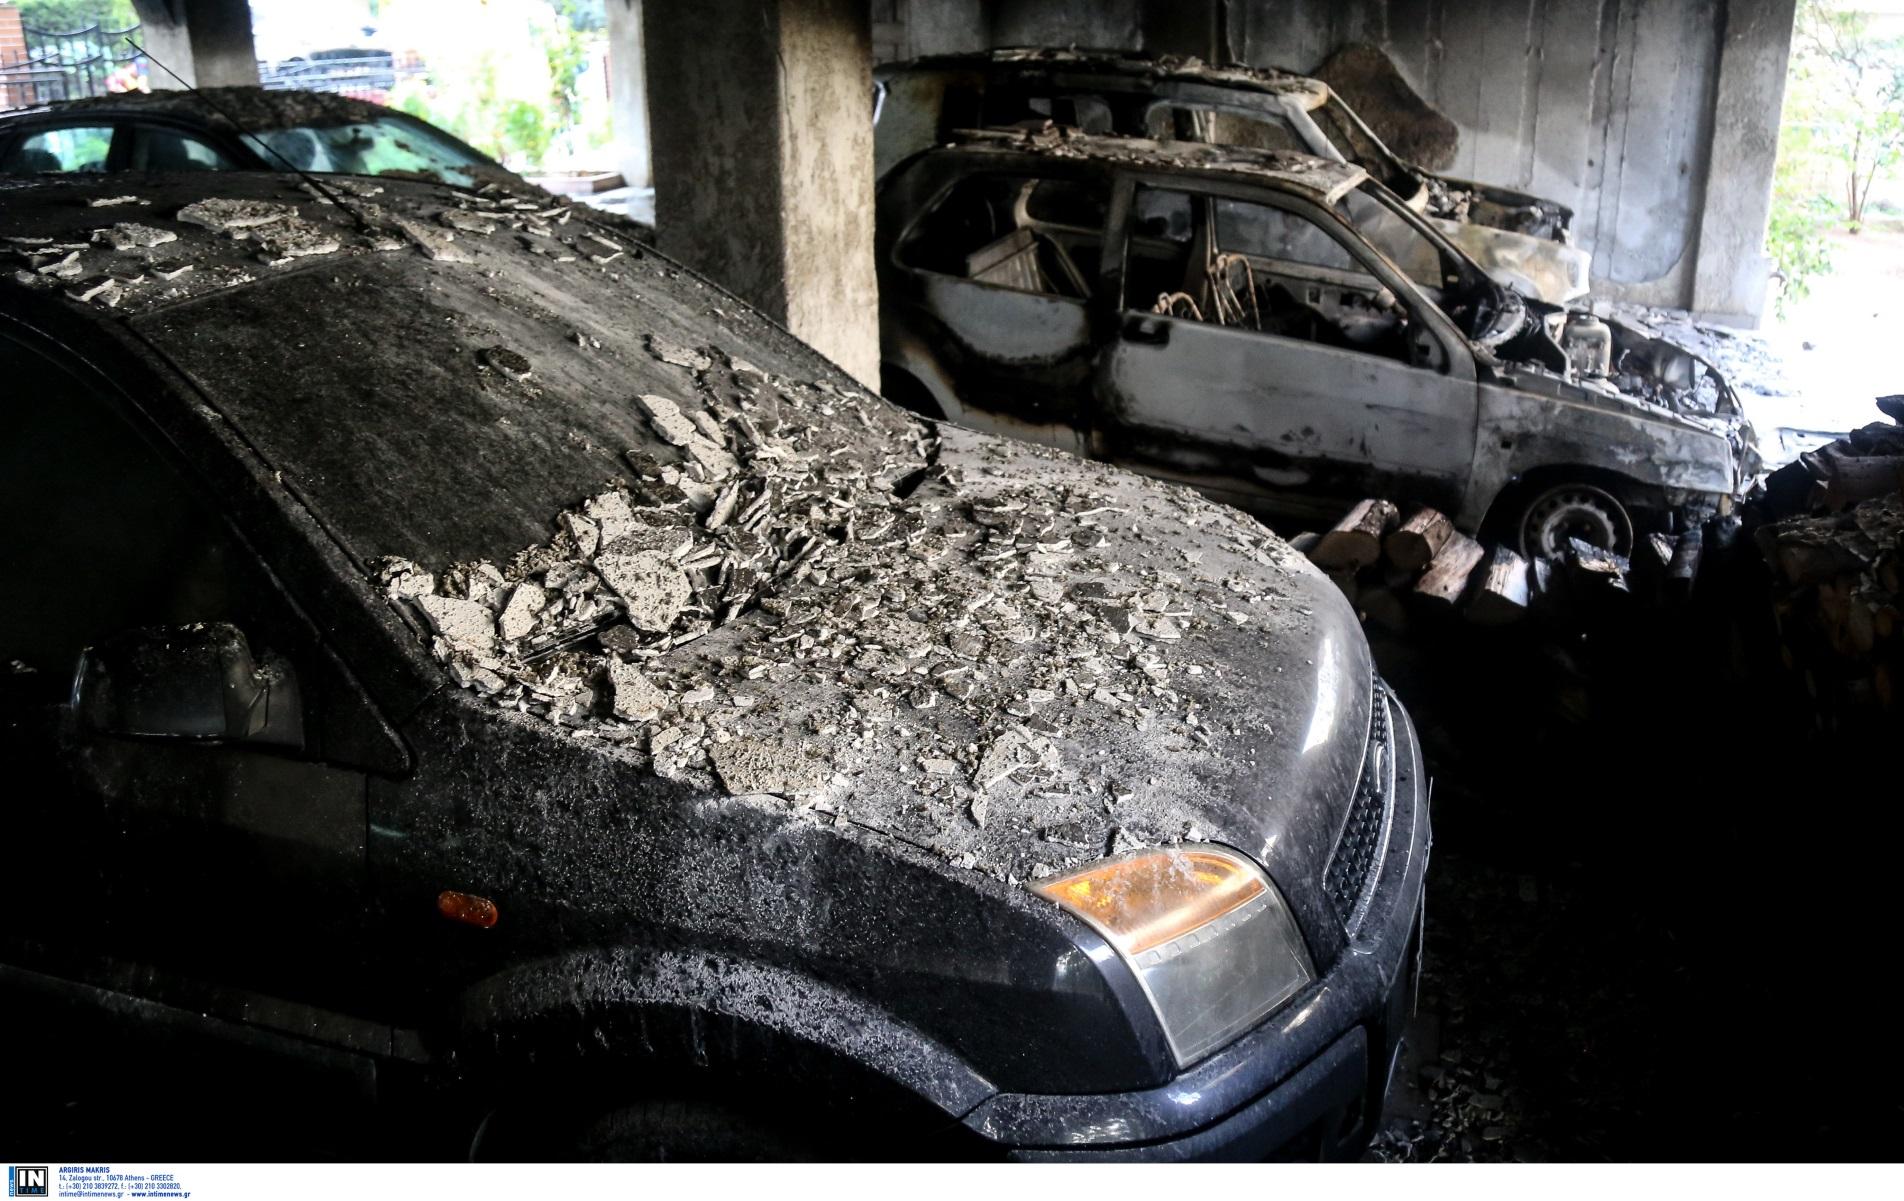 Πάτρα: Έκαιγε αυτοκίνητα με τις κάλτσες του – Η δράση του 16χρονου «Νέρωνα»